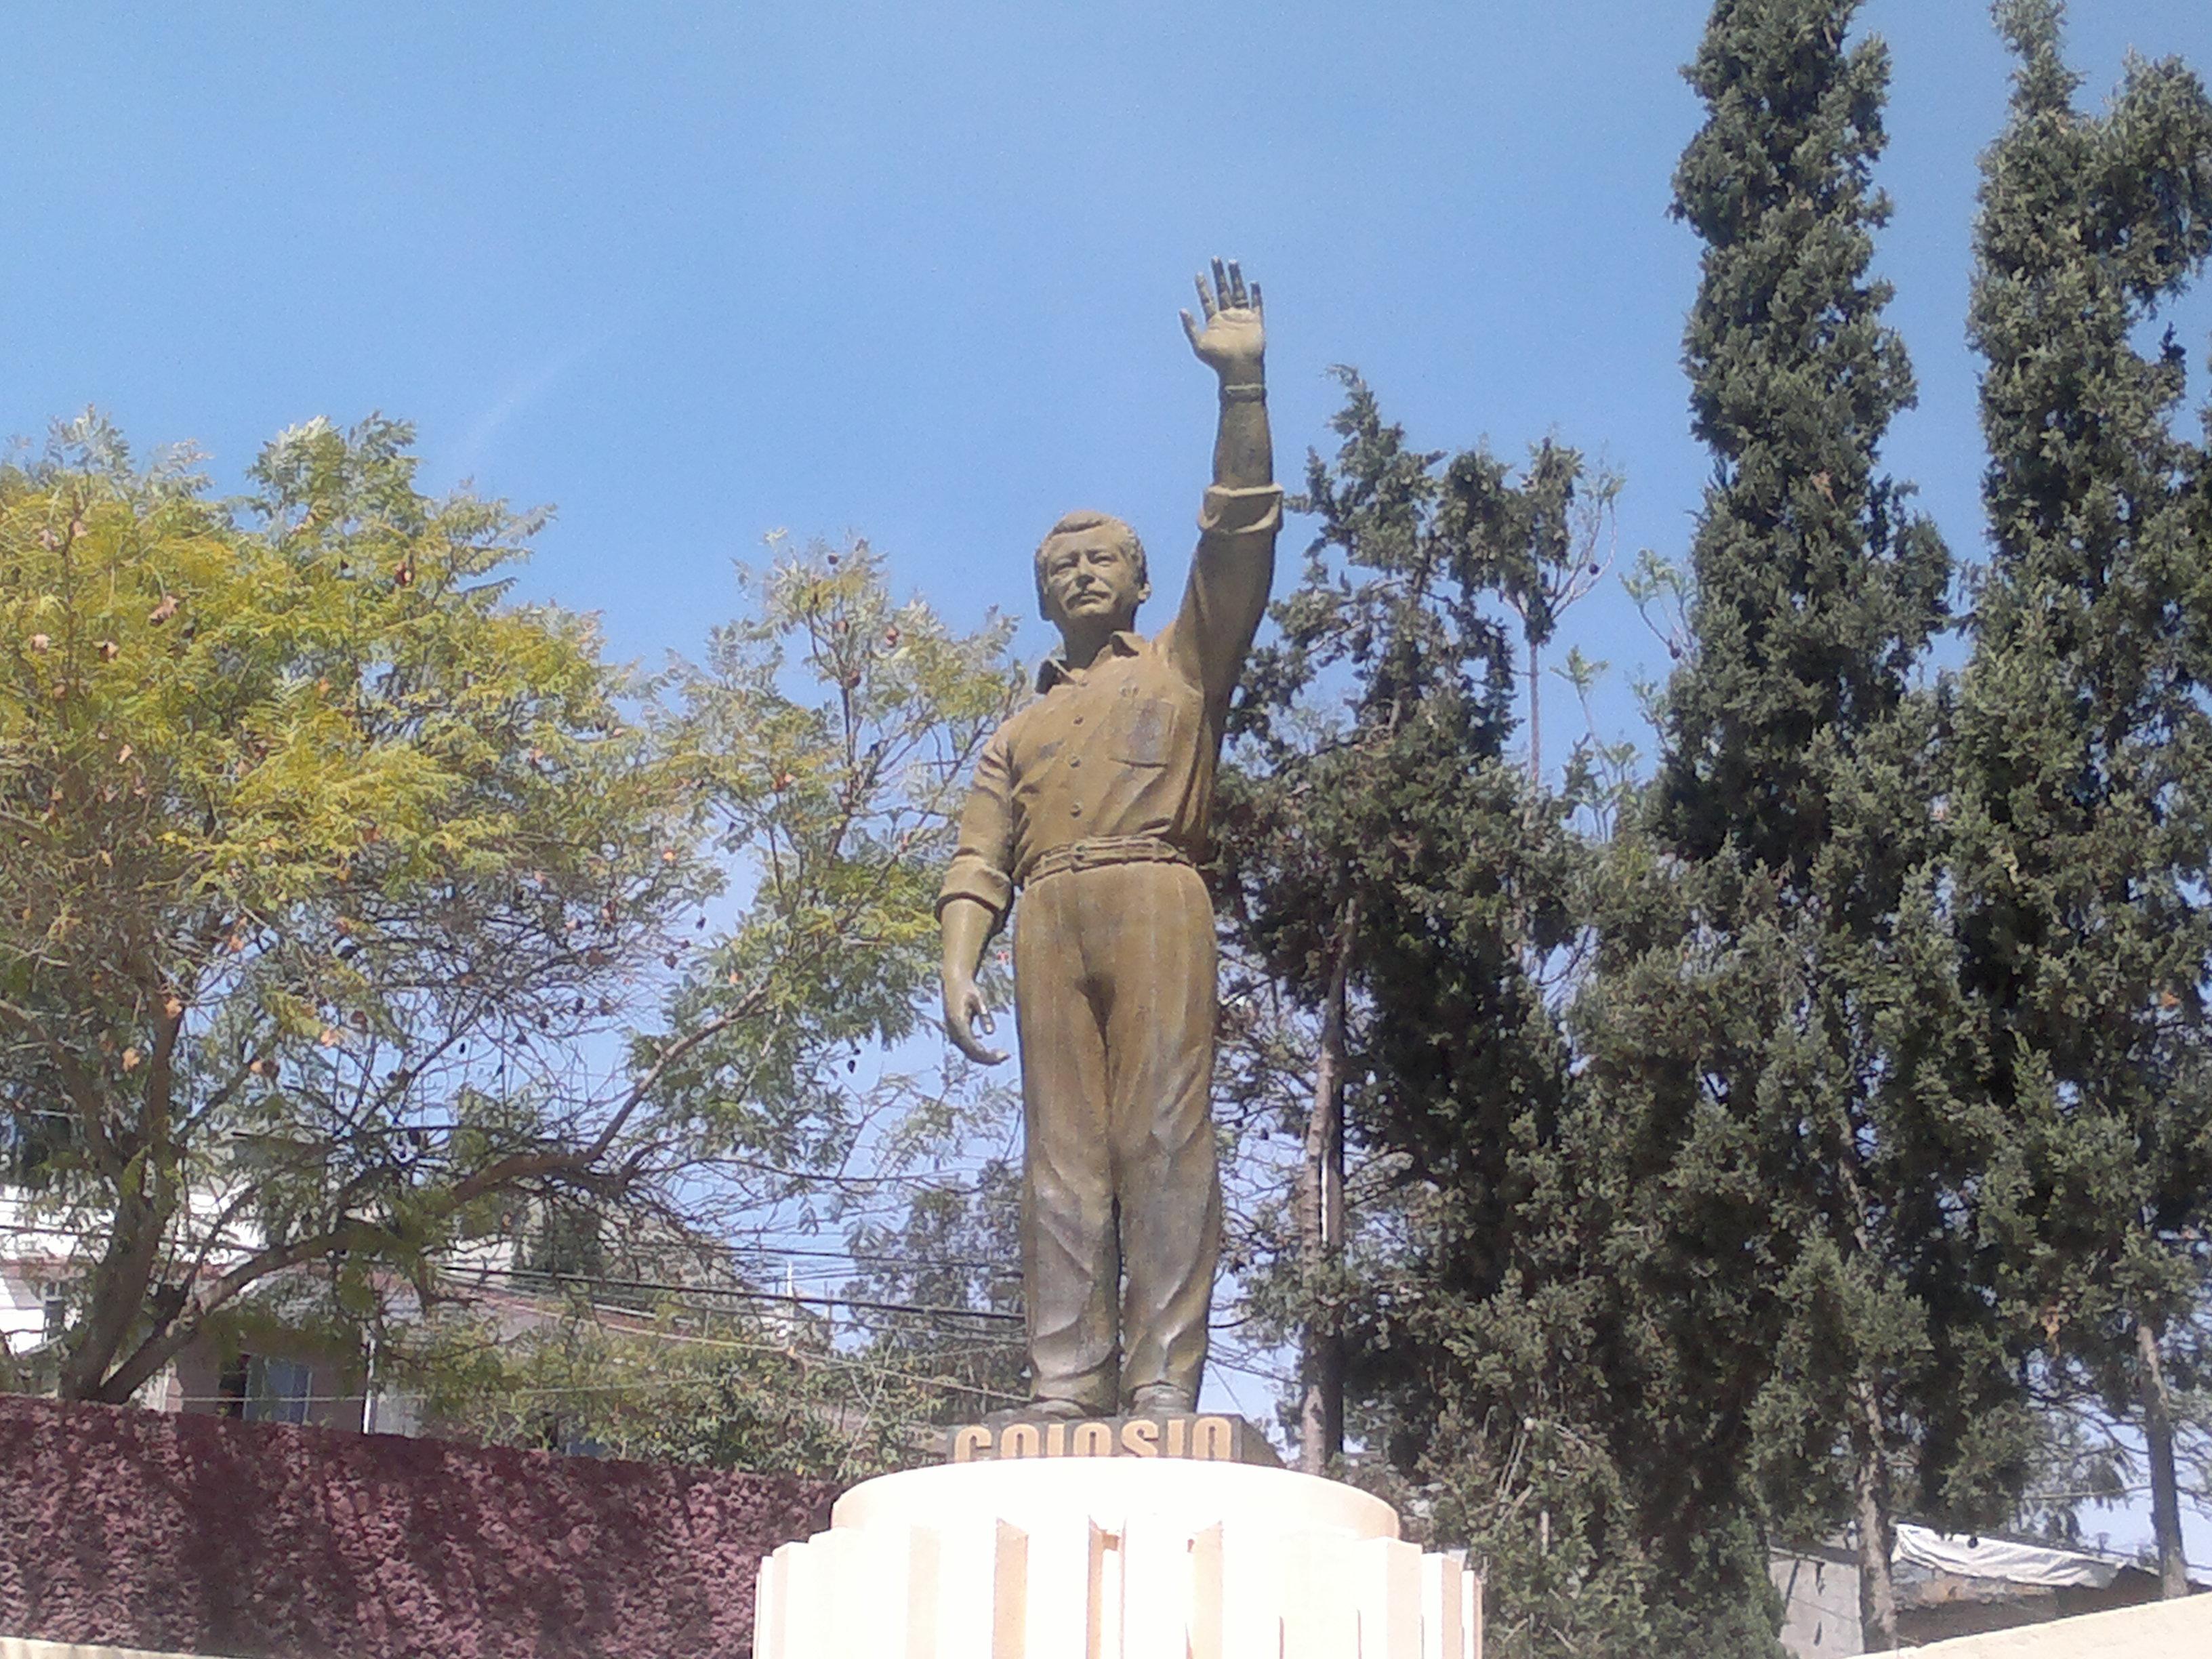 Hace 21 años llegó Colosio a Tijuana como candidato presidencial, regresó muerto al DF